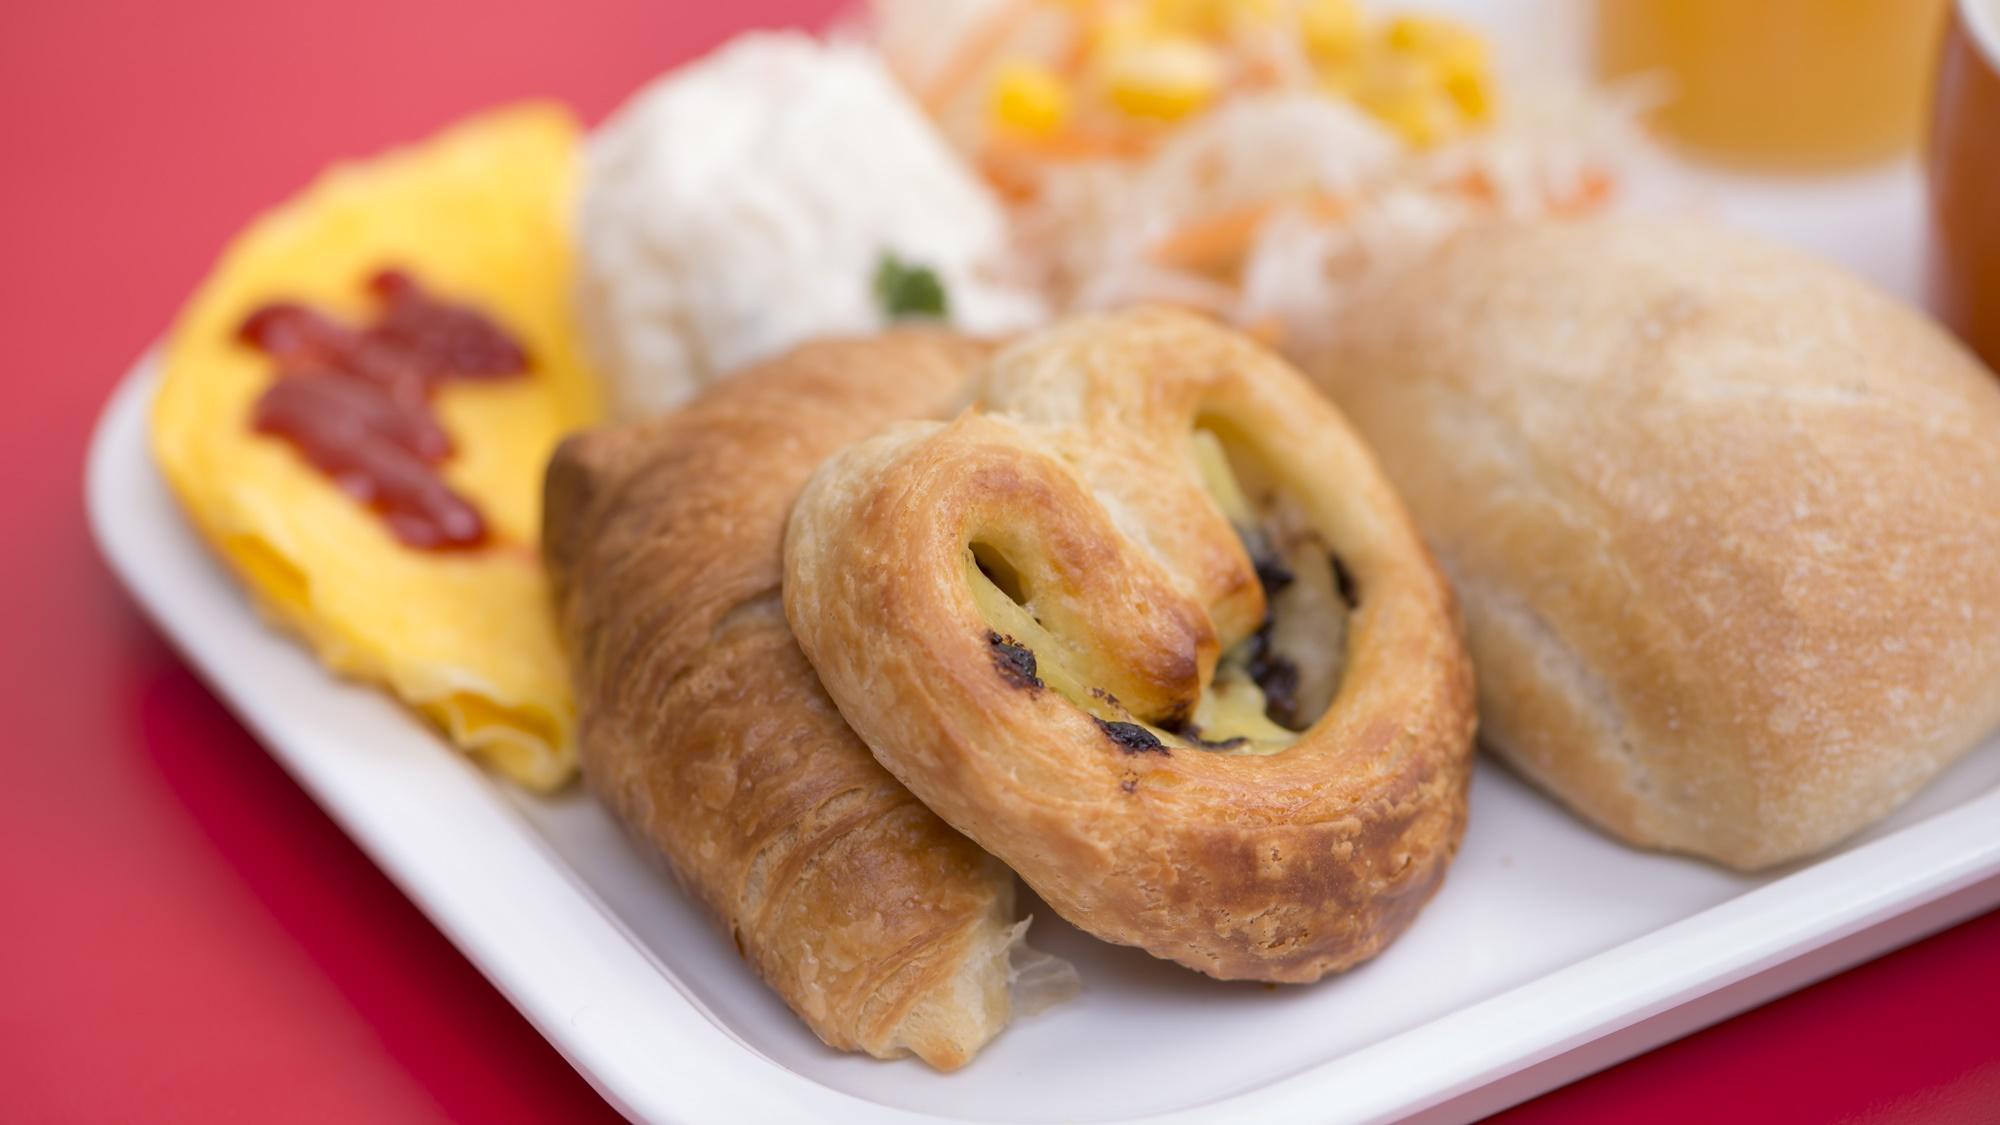 【朝食無料】スタッフが心を込めて焼き上げるパンは日替わりで種類が変わります